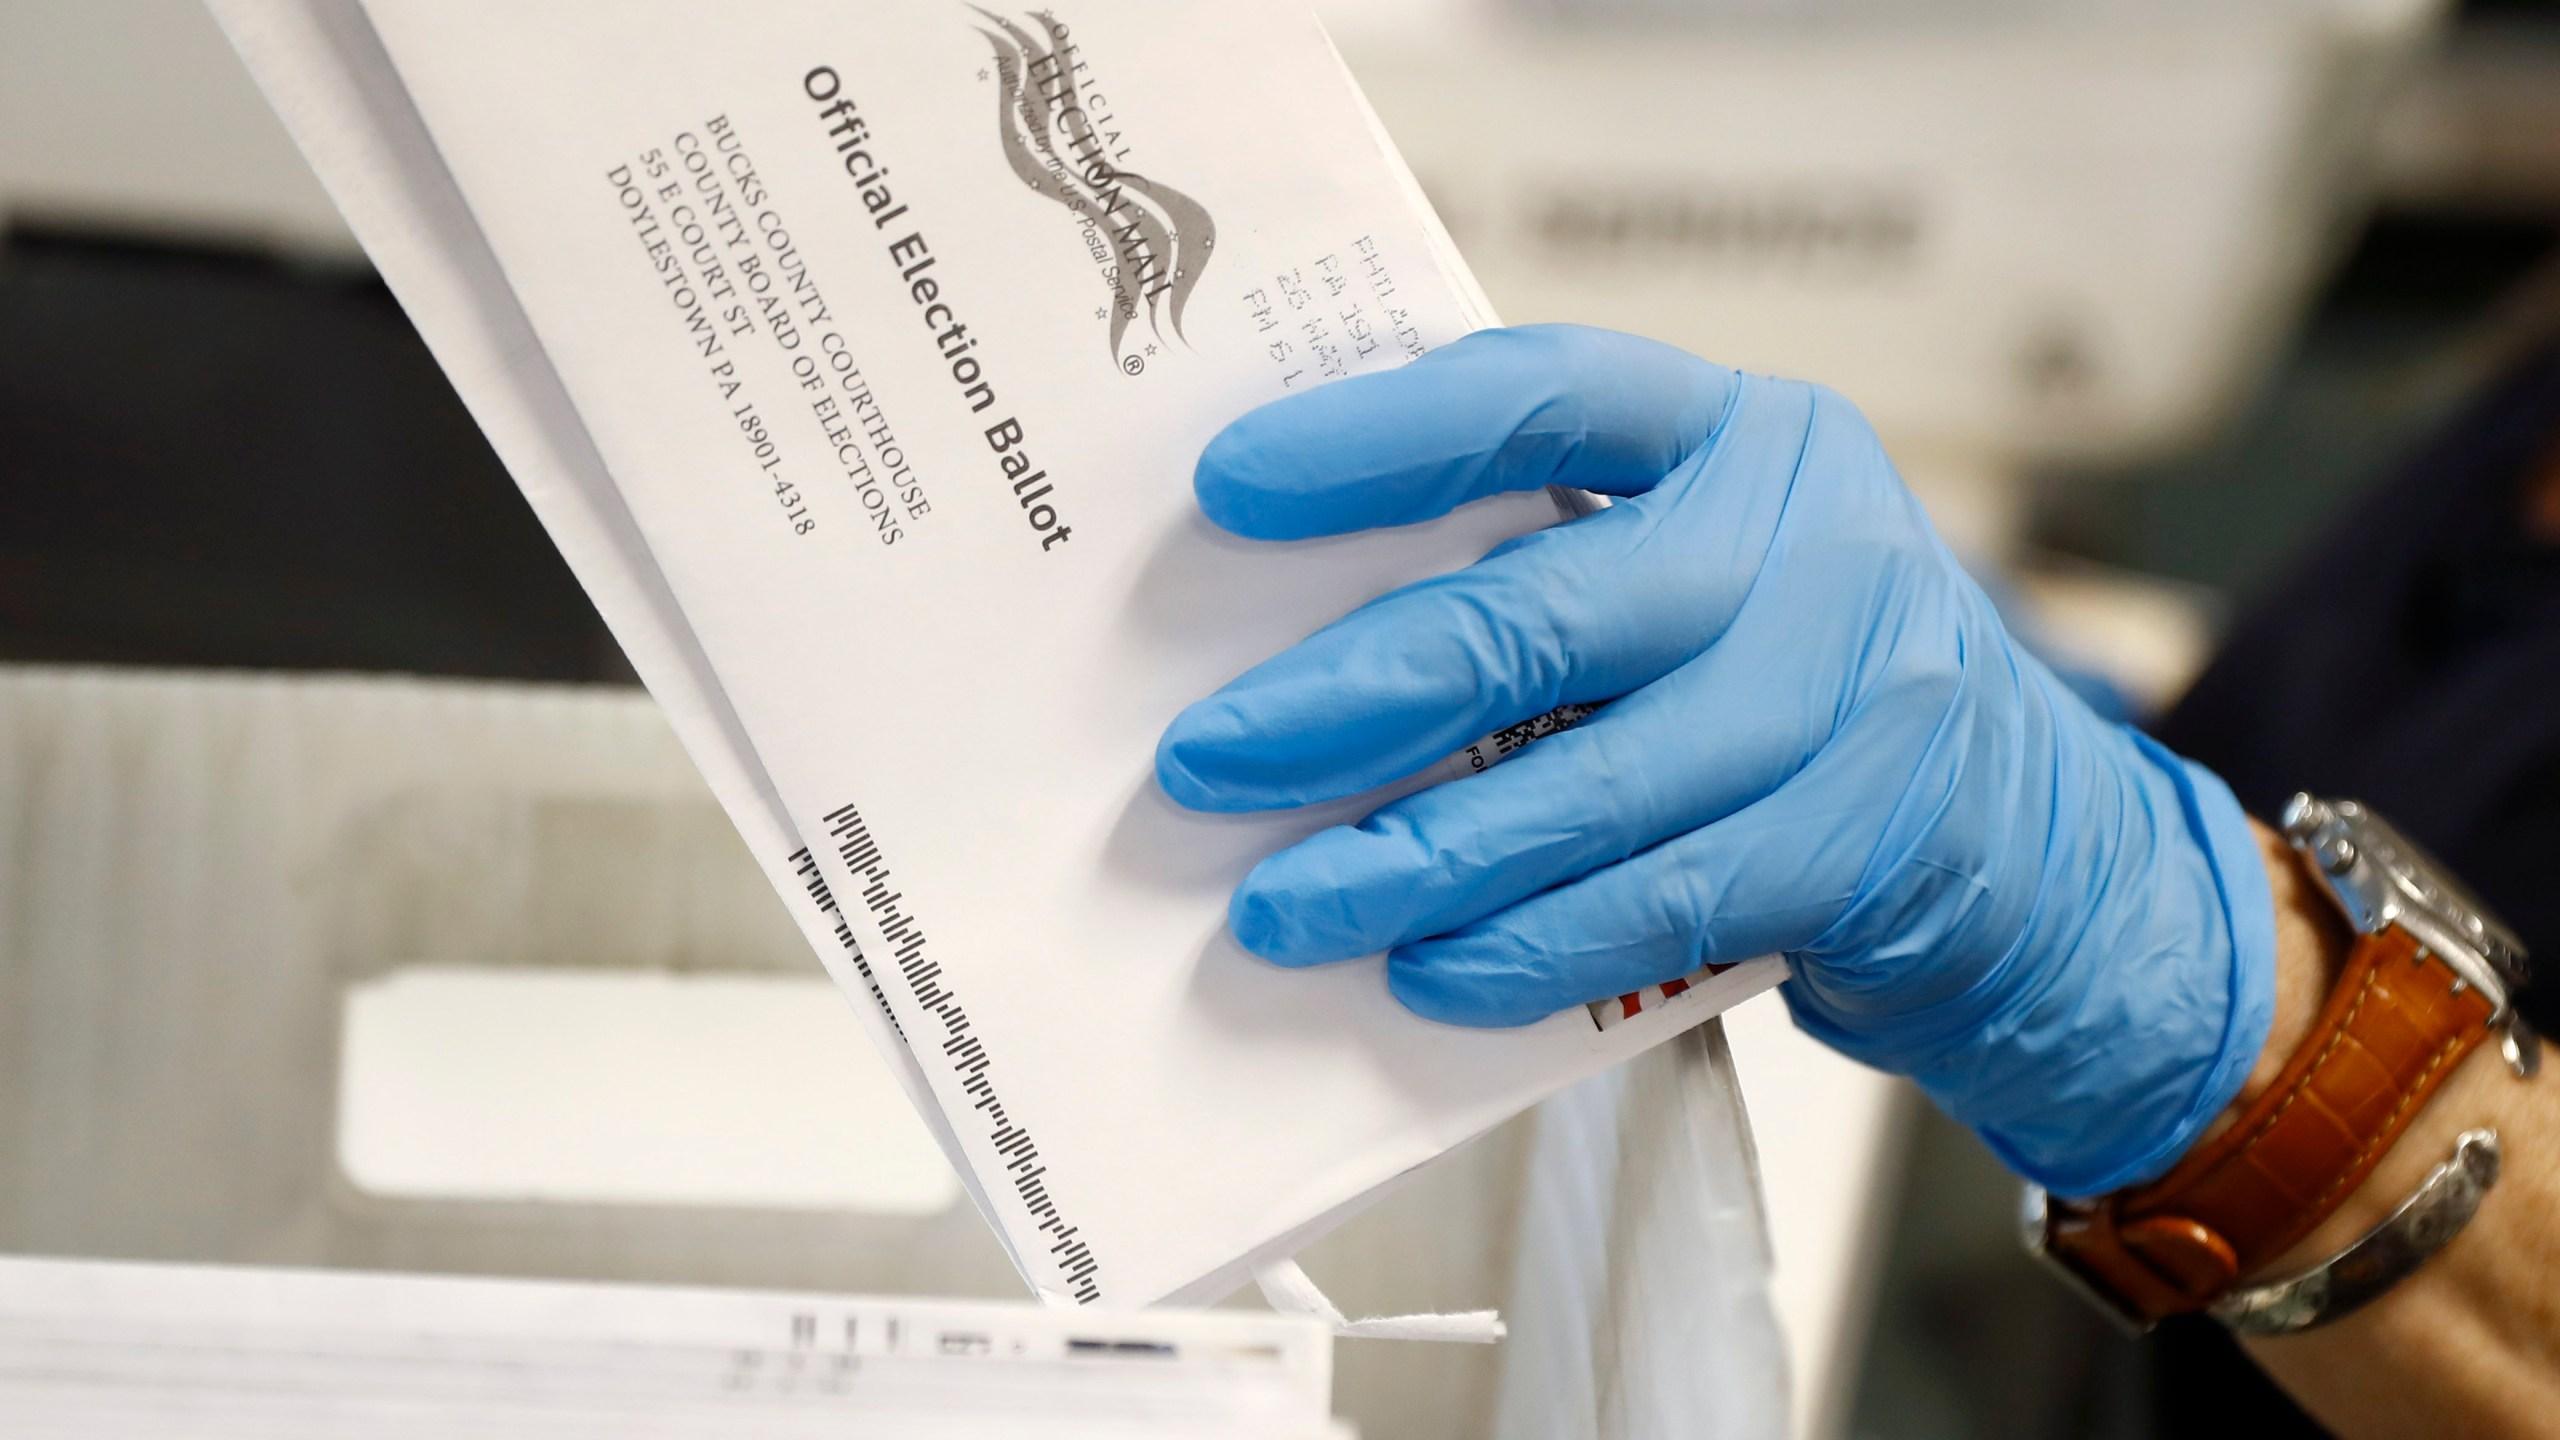 Recent s In Richmond Va Week Of Halloween 2020 Virginia Department of Elections releases statement on recent